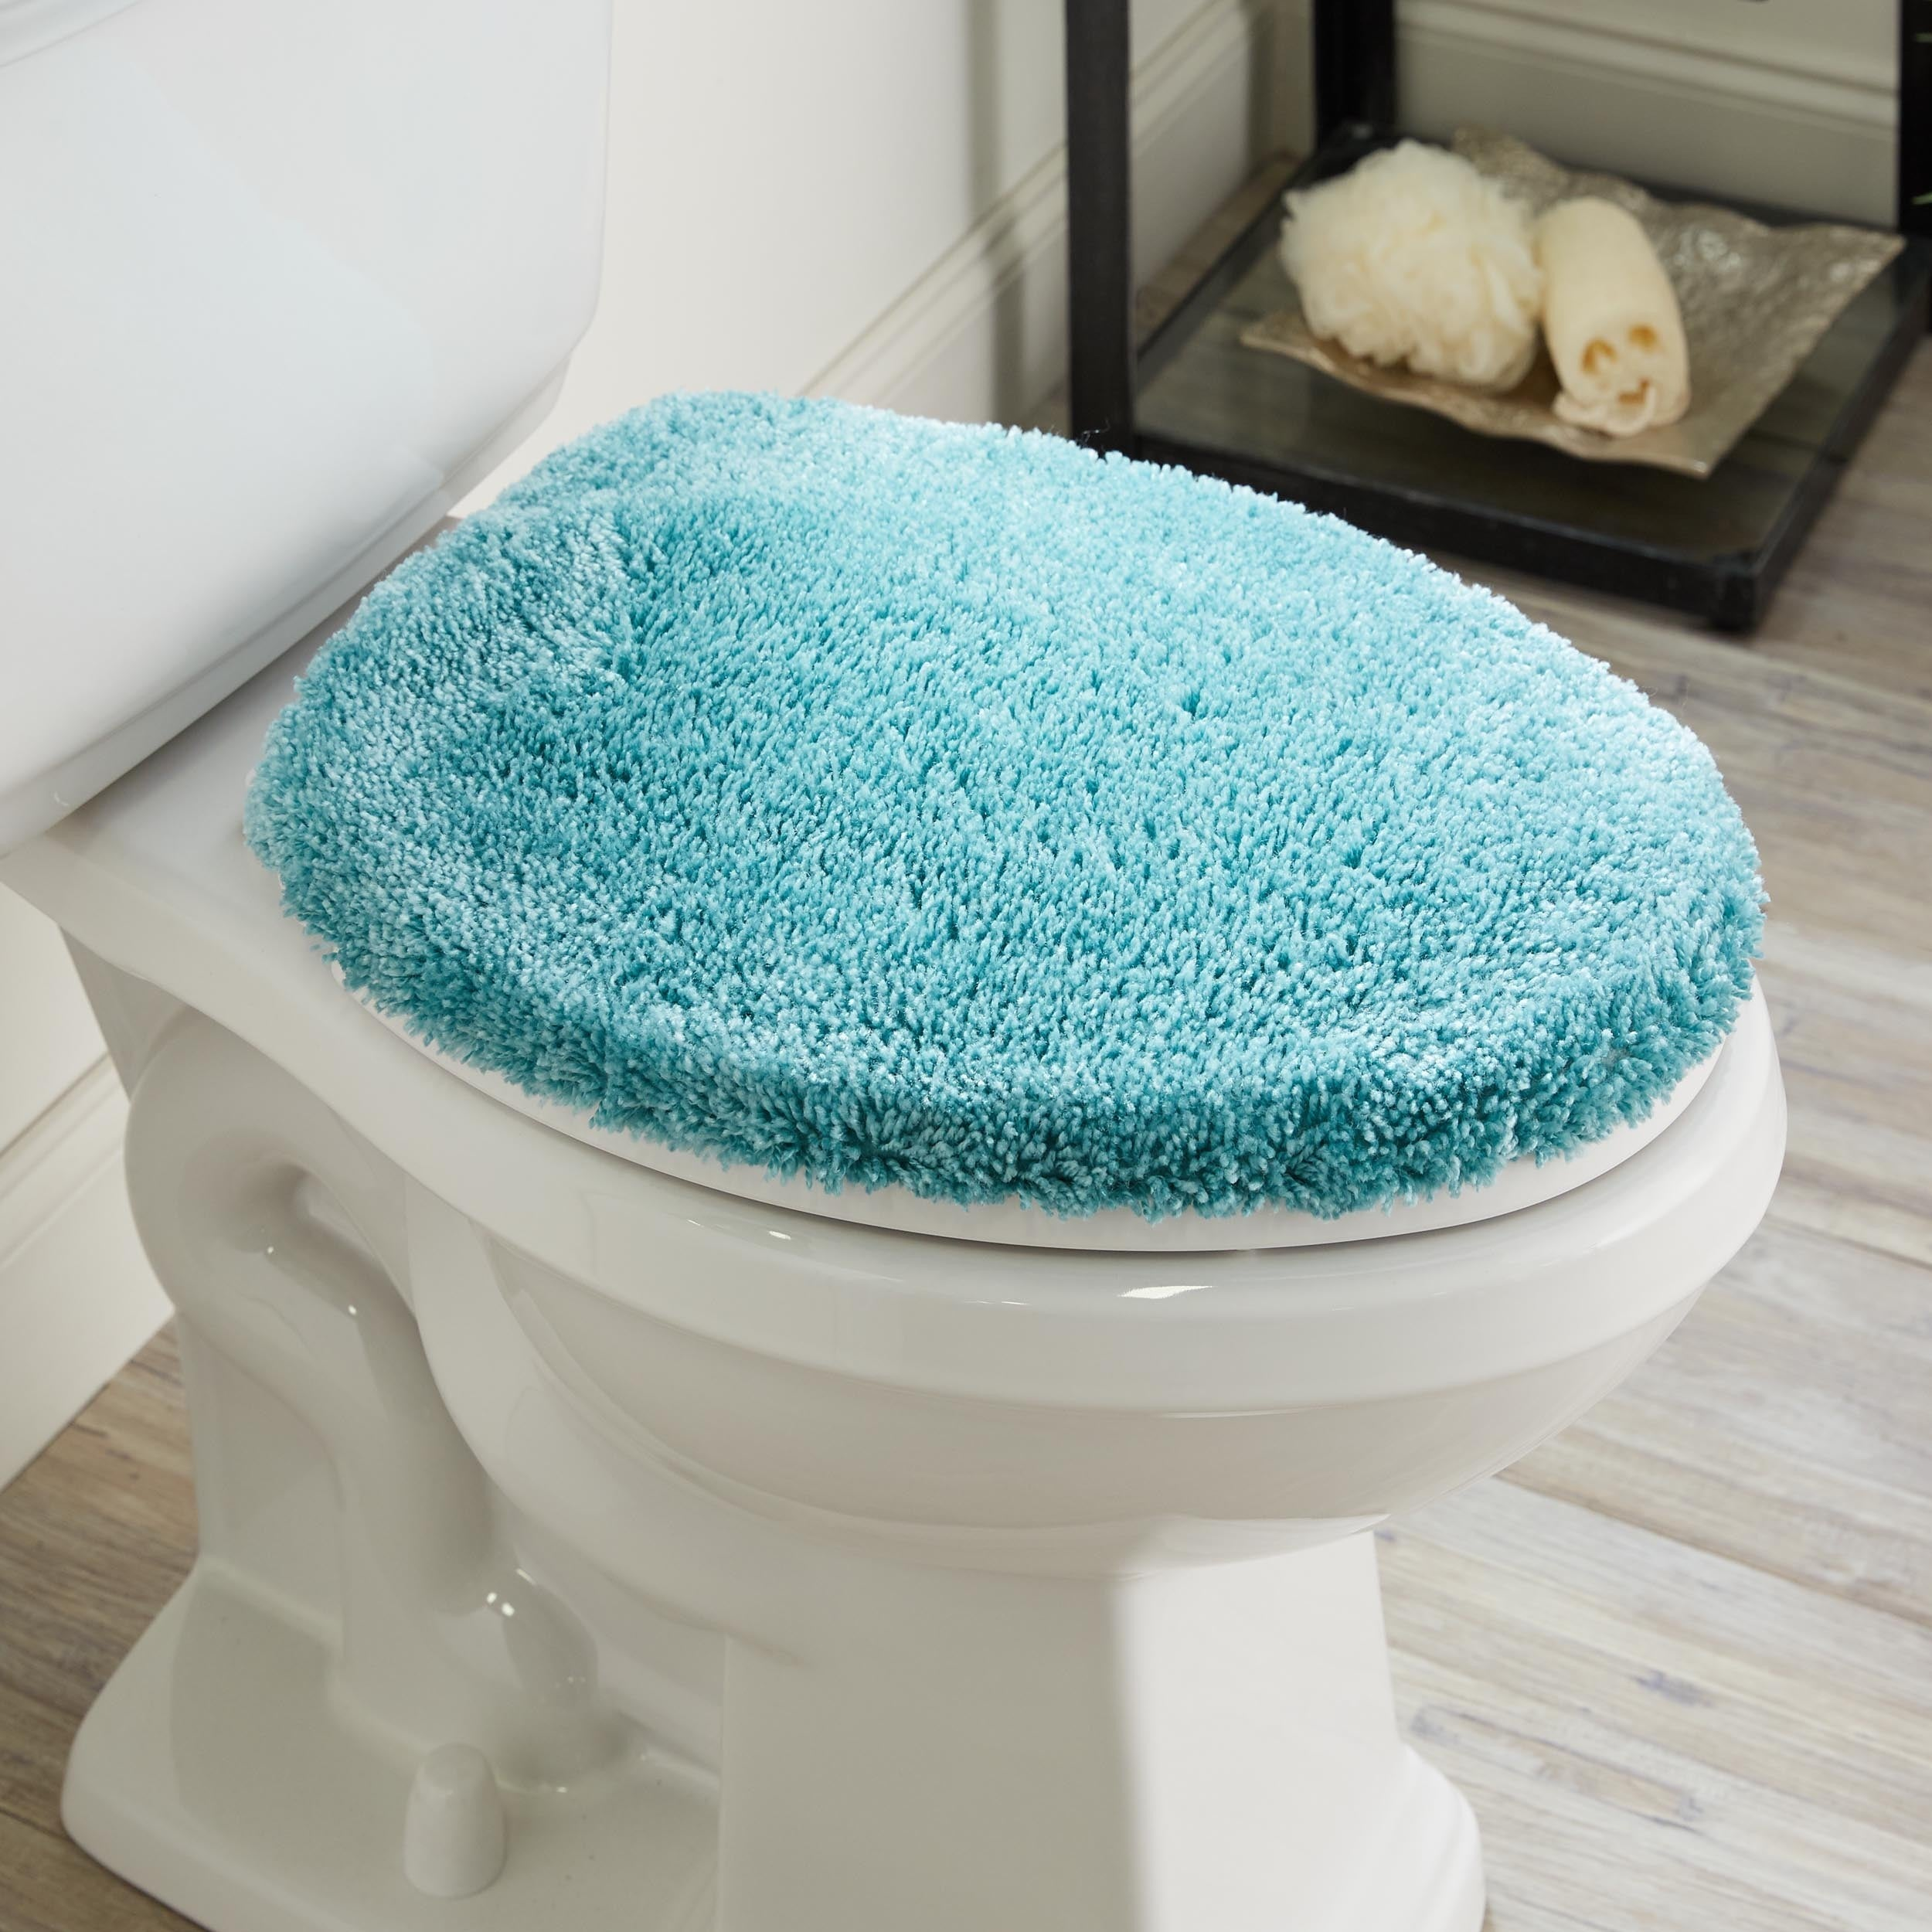 Wamsutta® Duet Elongated Toilet Lid Cover in Latte | eBay